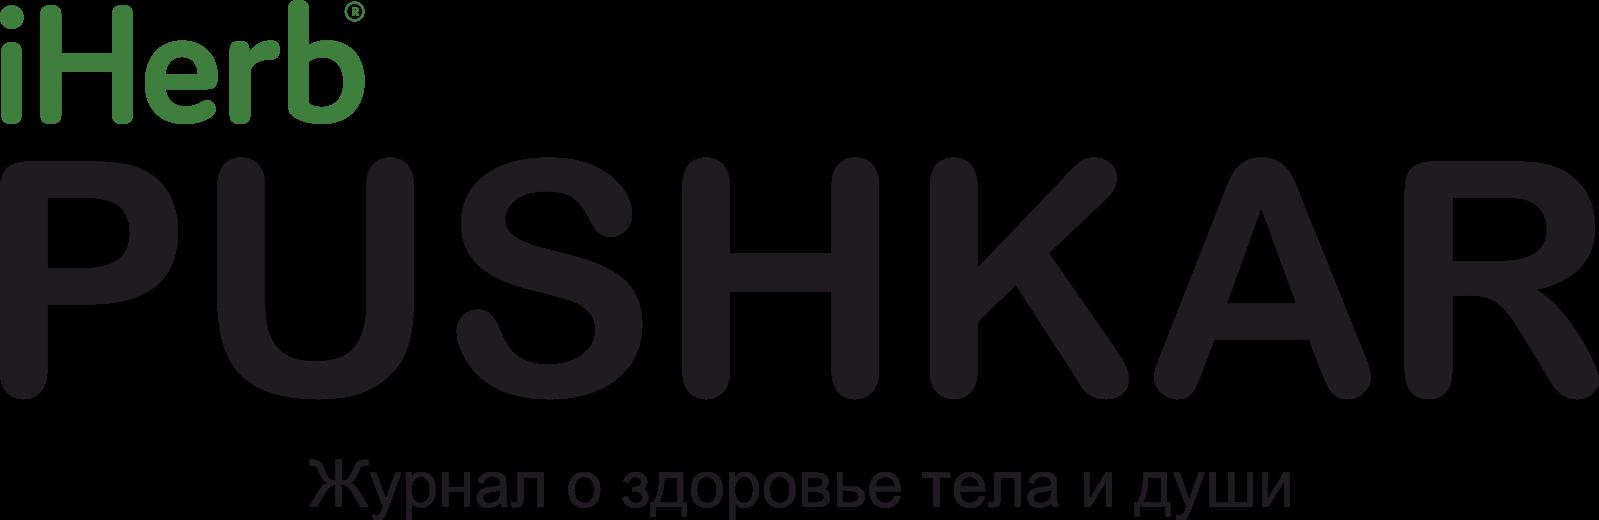 iHerb • Скидки, Акции, Промокоды магазина и аптеки Айхерб • Официальный сайт журнала PUSHKAR